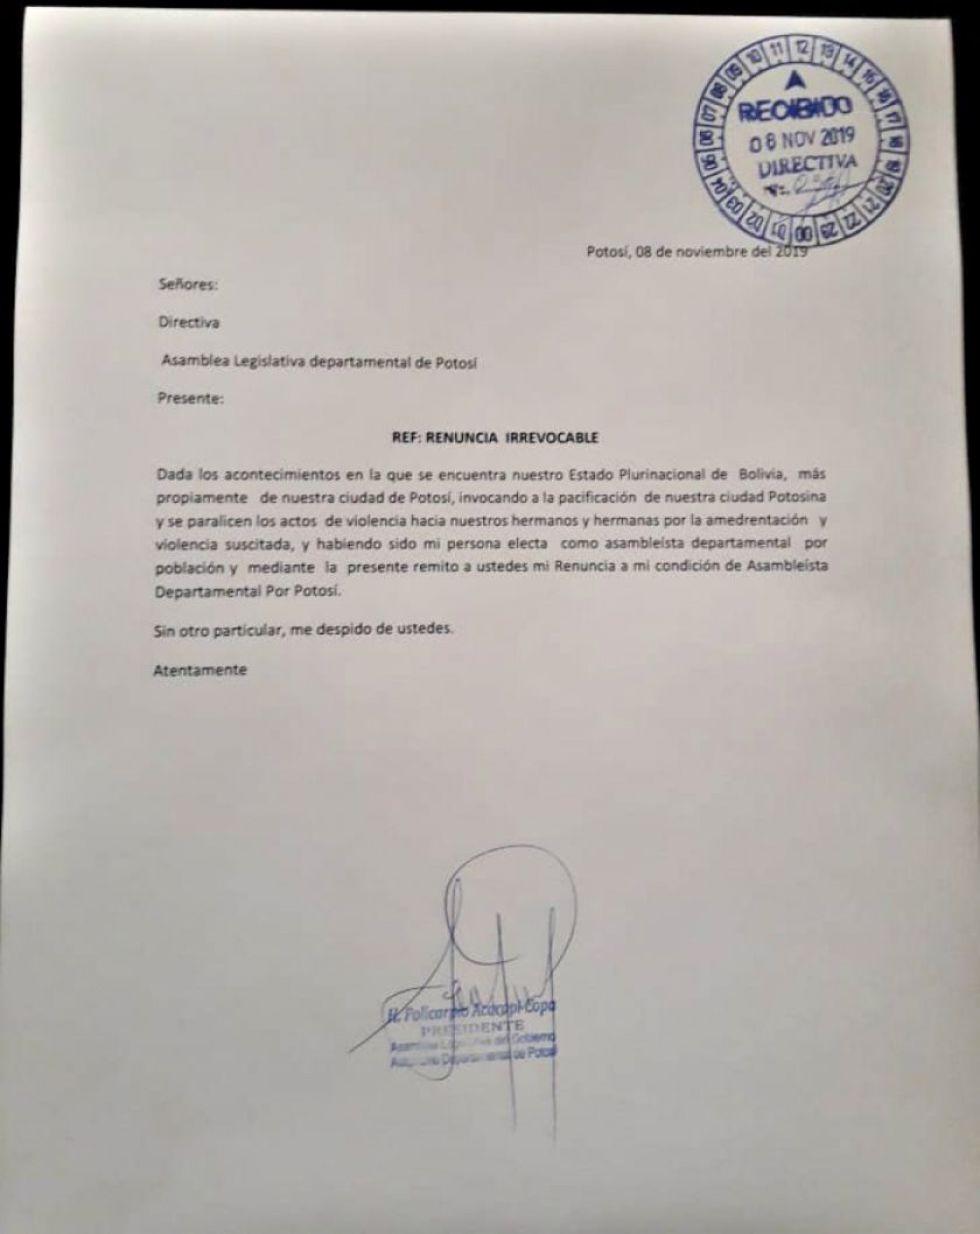 Policarpio Acarapi presenta su renuncia a la Asamblea